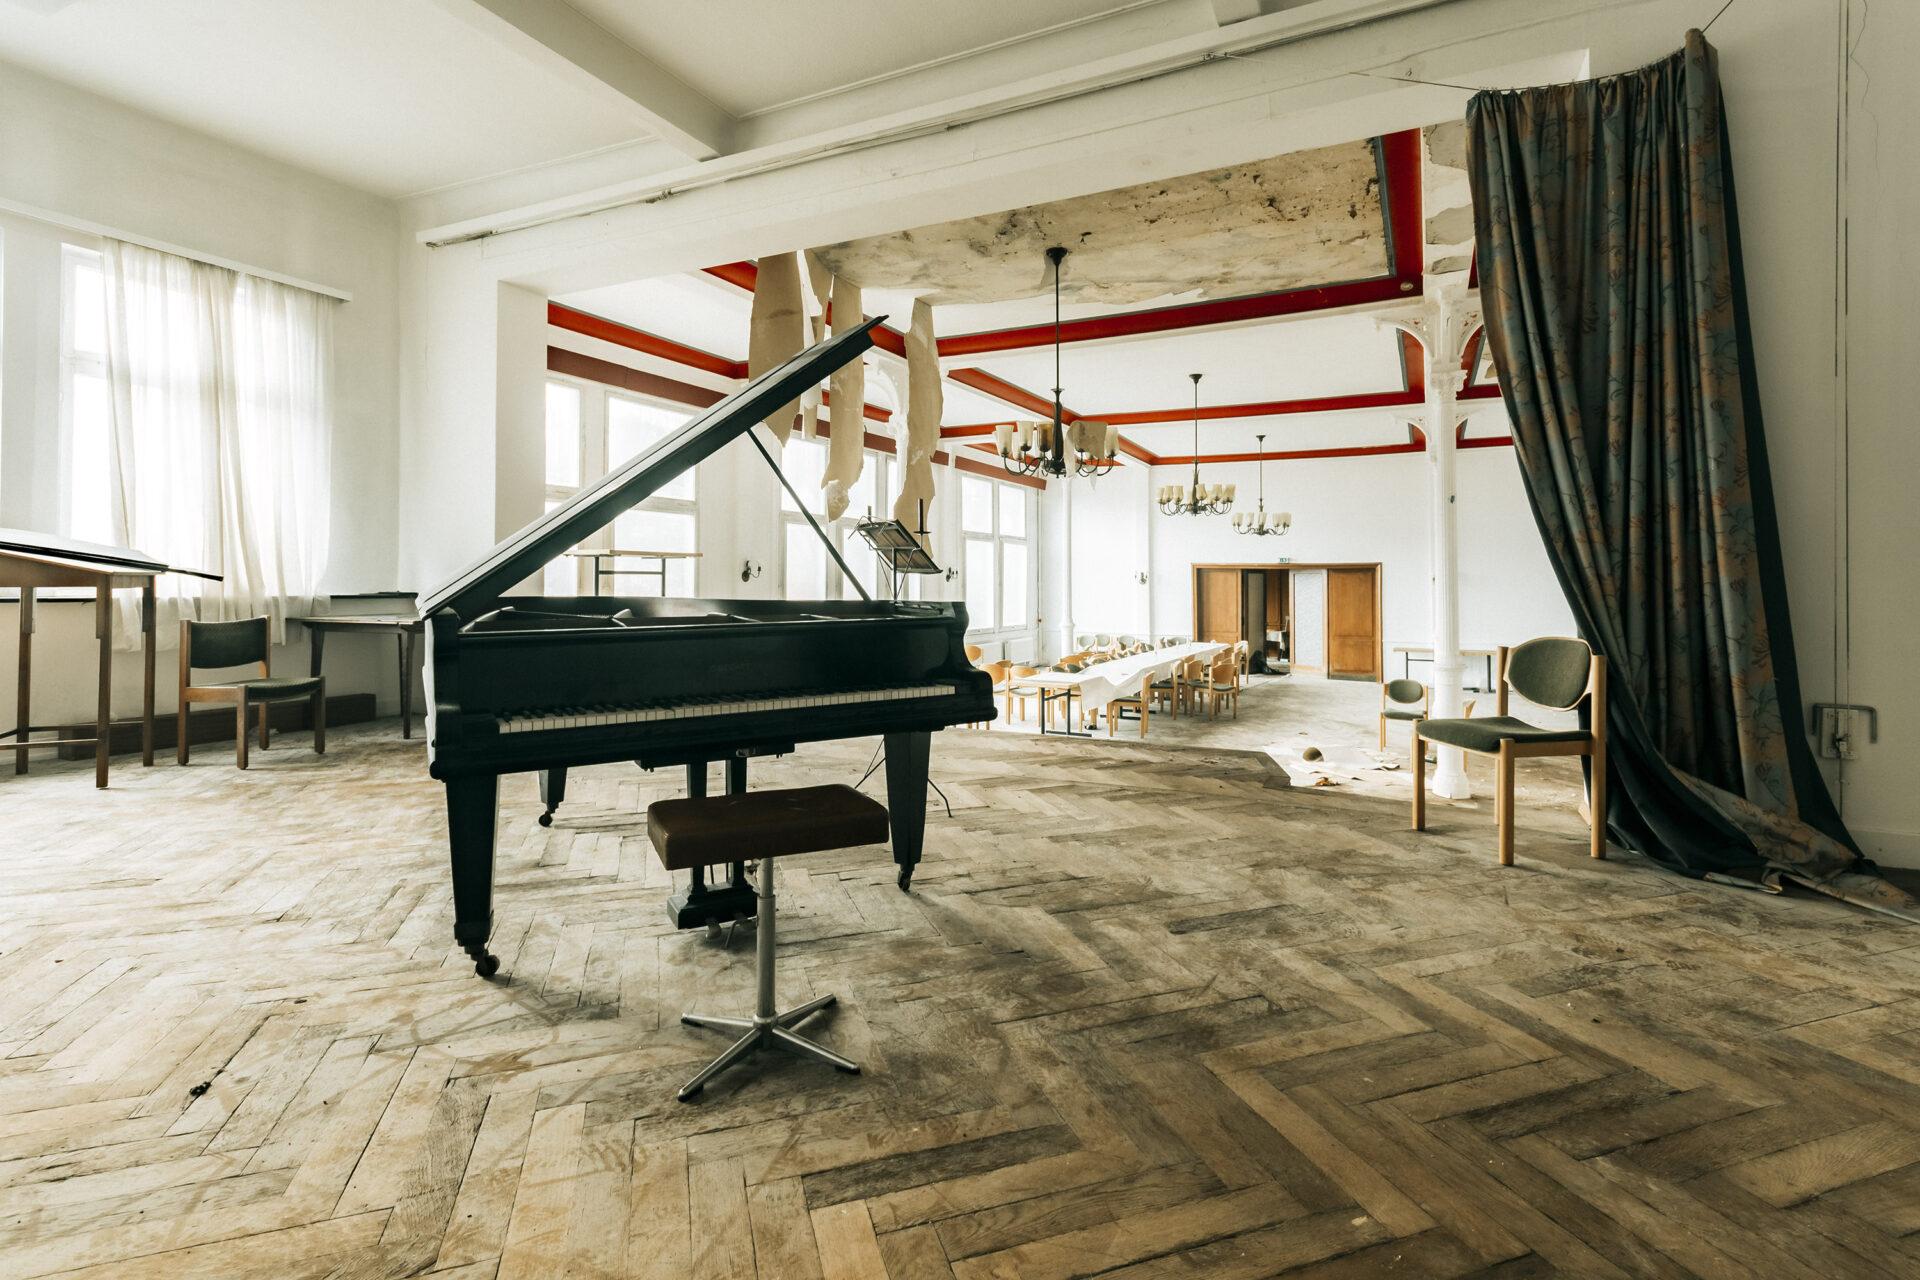 Requiem pour pianos 61 | Serie Requiem pour pianos | Romain Thiery